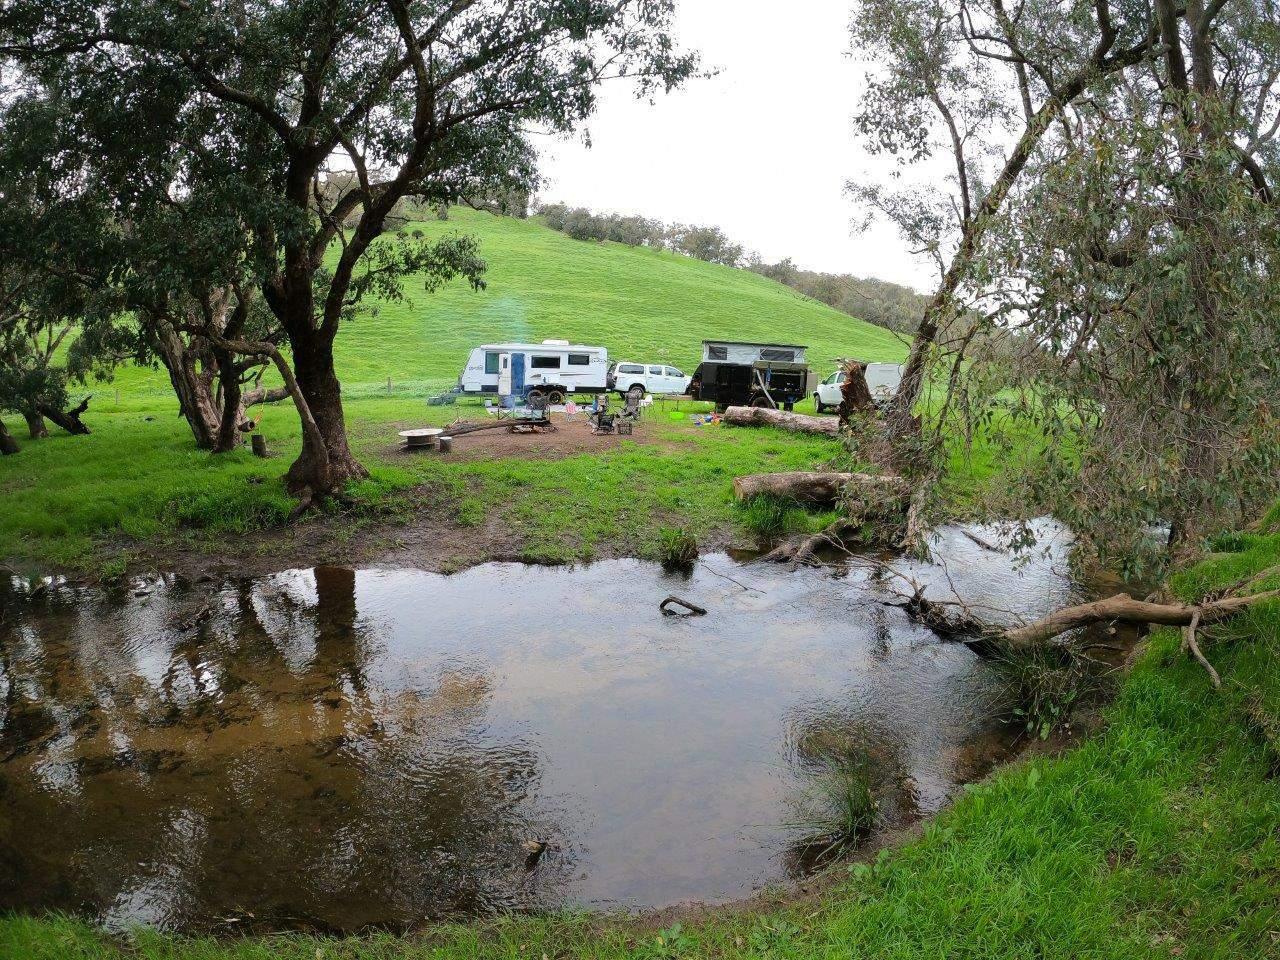 Camping at Bolinda Vale